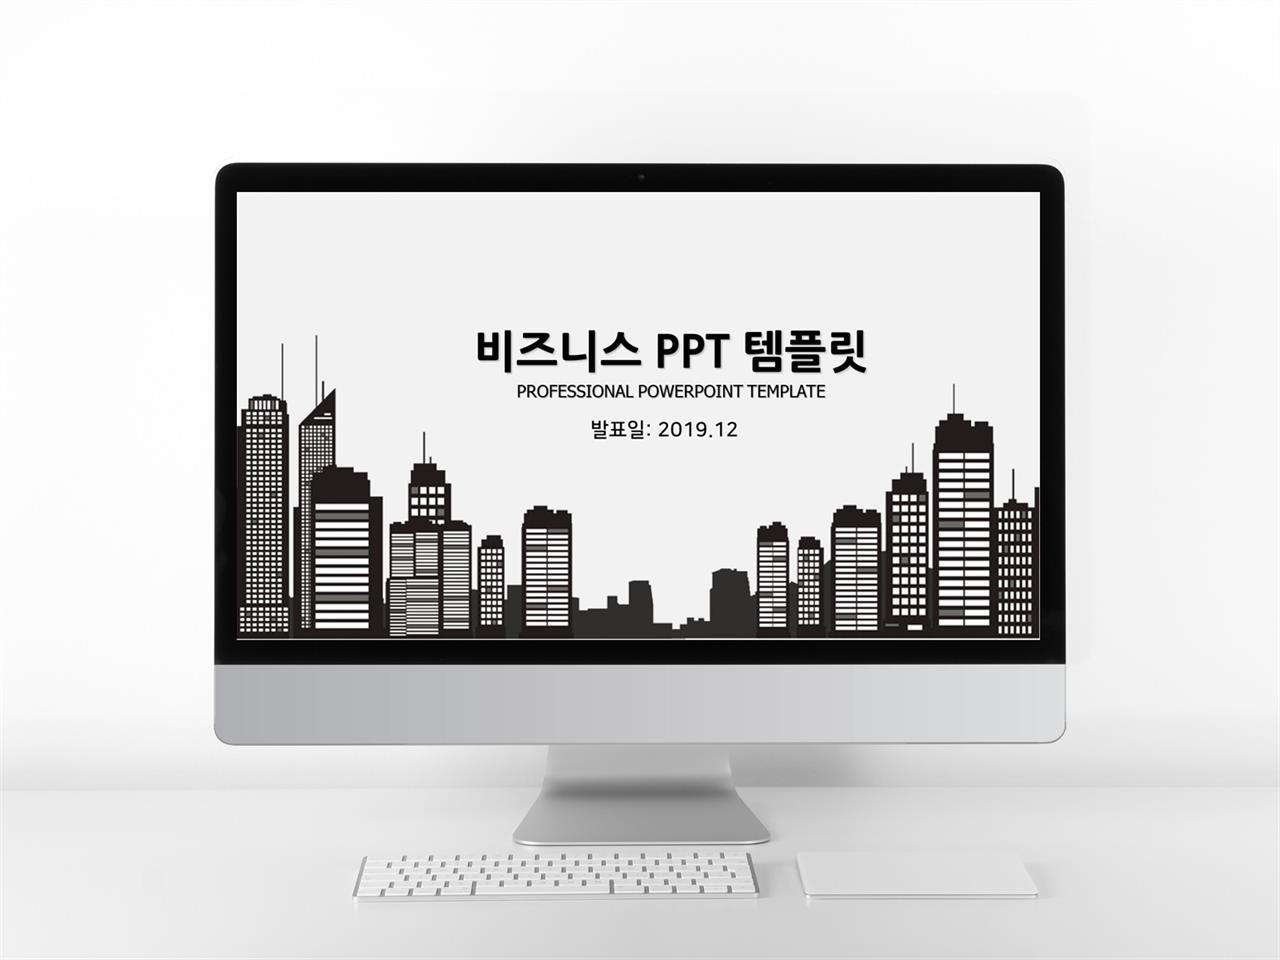 비즈니스 회색 애니메이션 고급형 피피티양식 디자인 미리보기